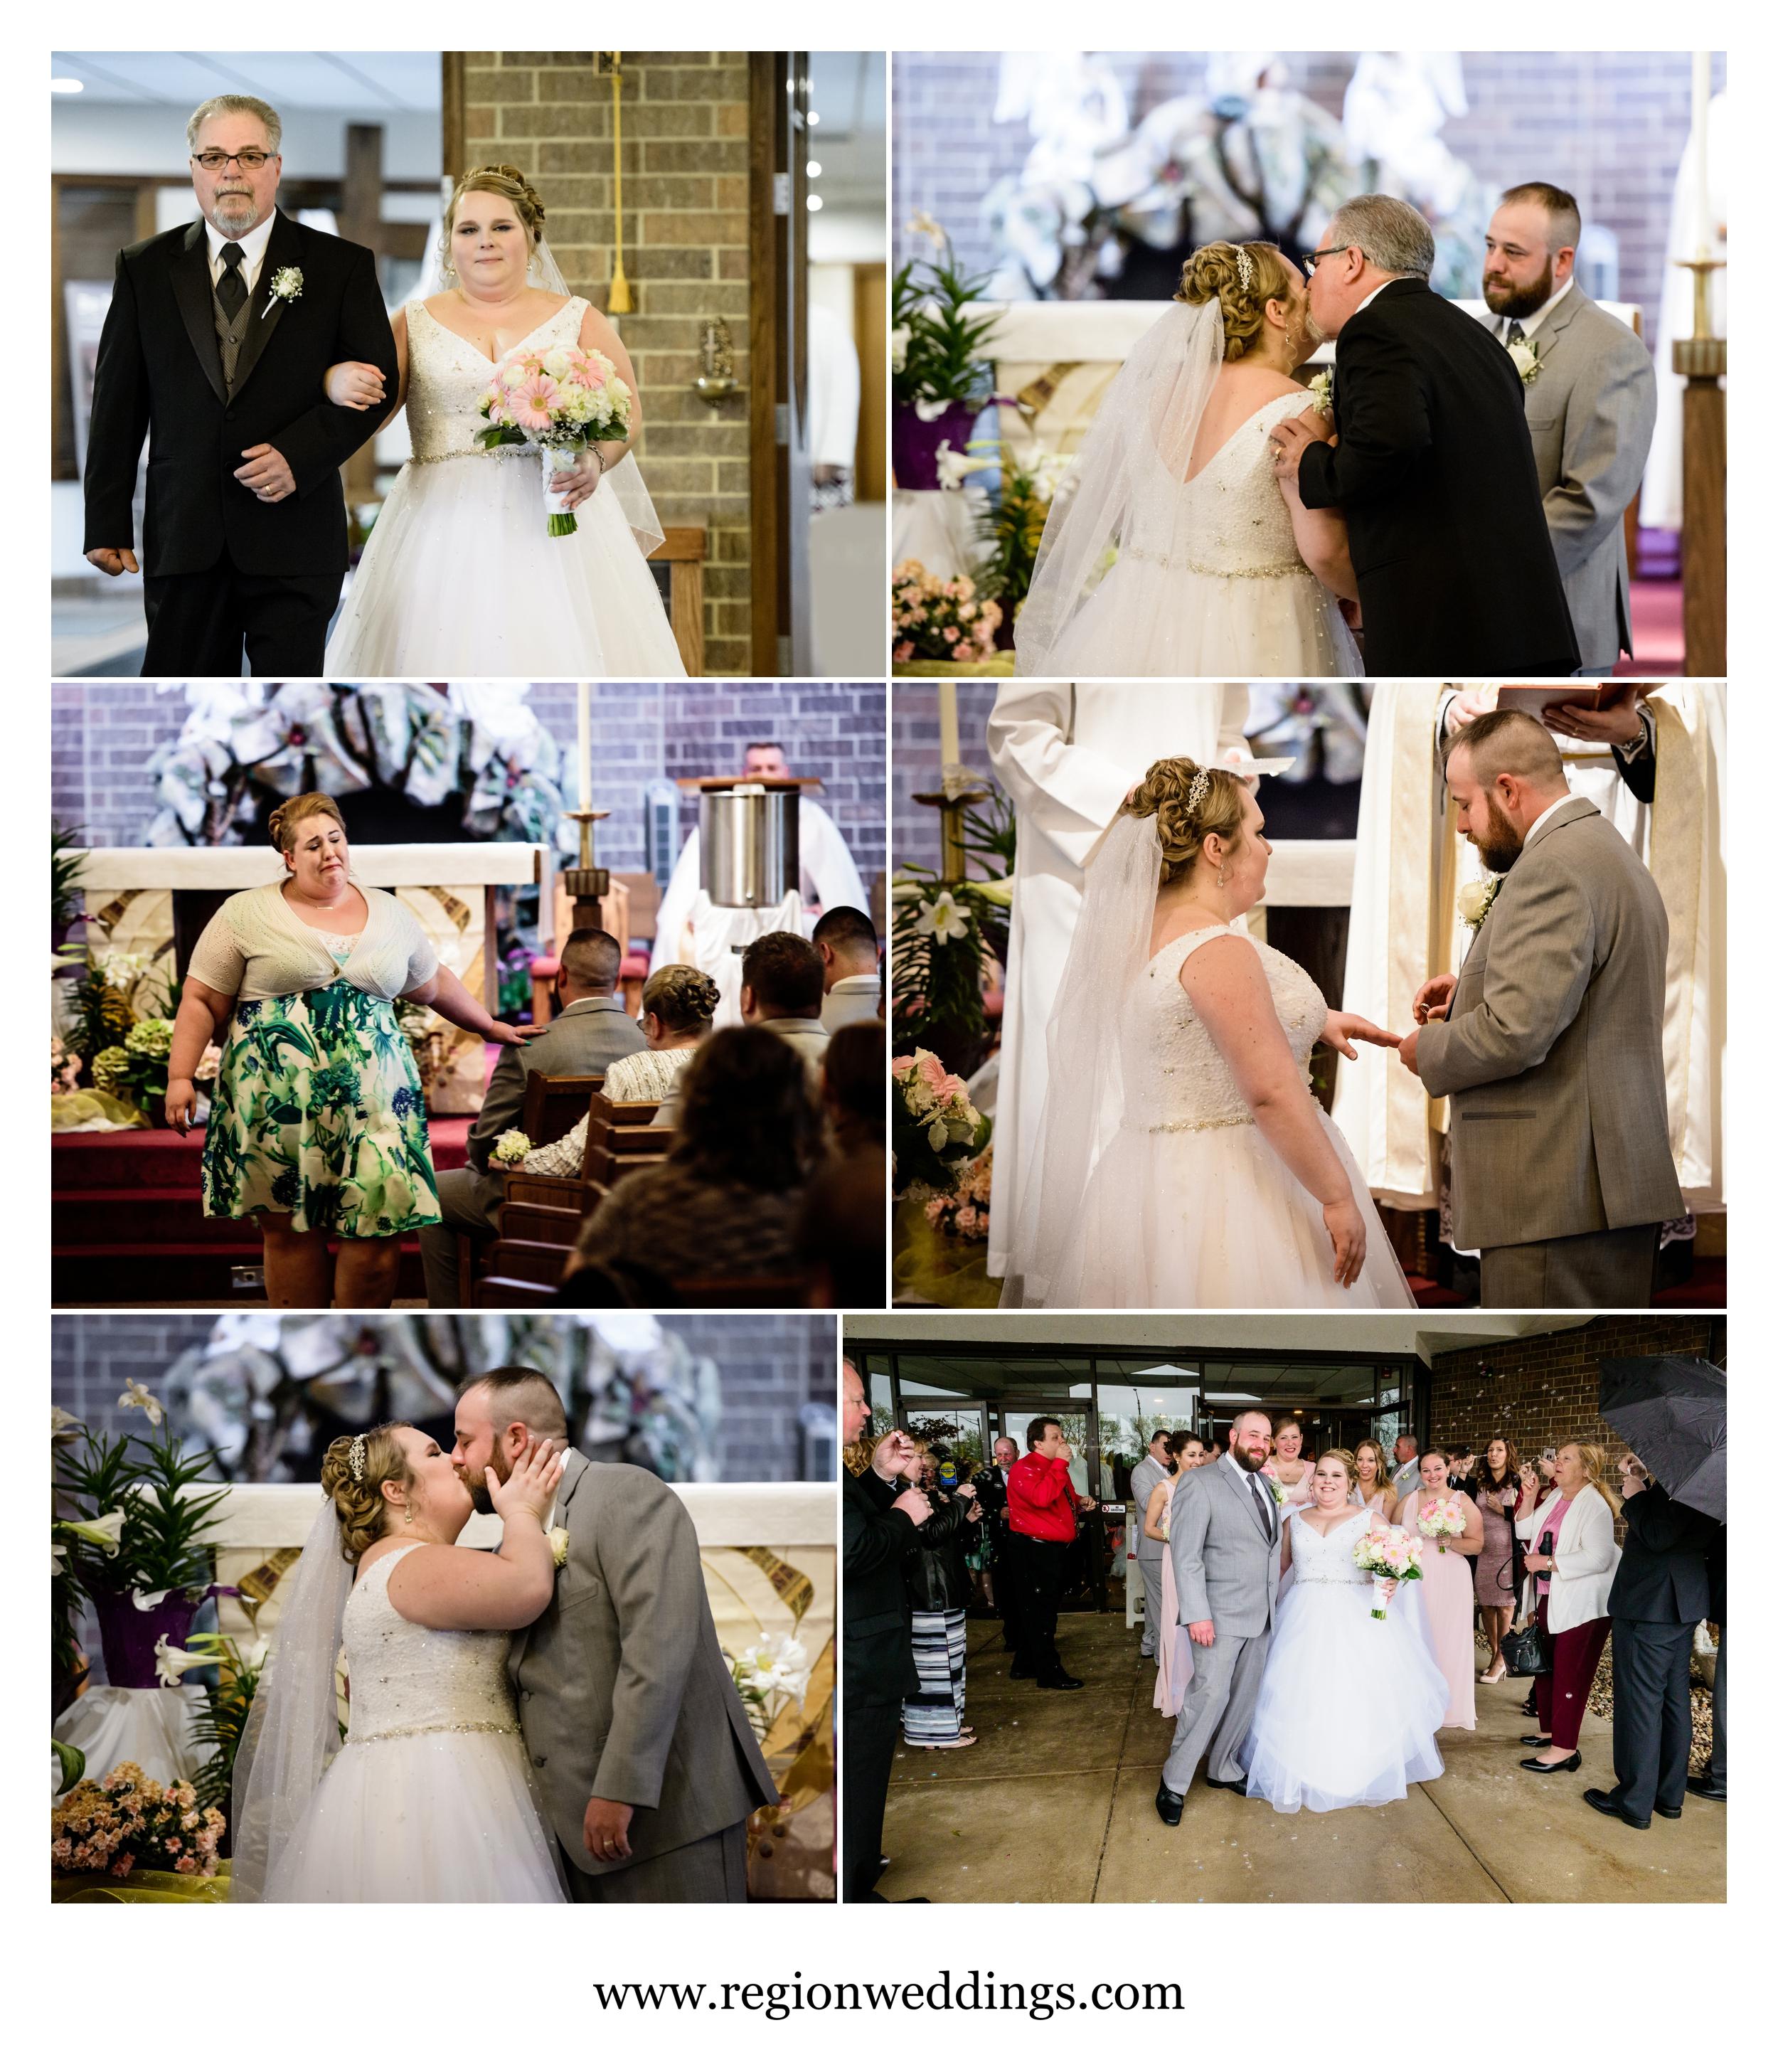 Catholic wedding ceremony at St. James in Highland, Indiana.